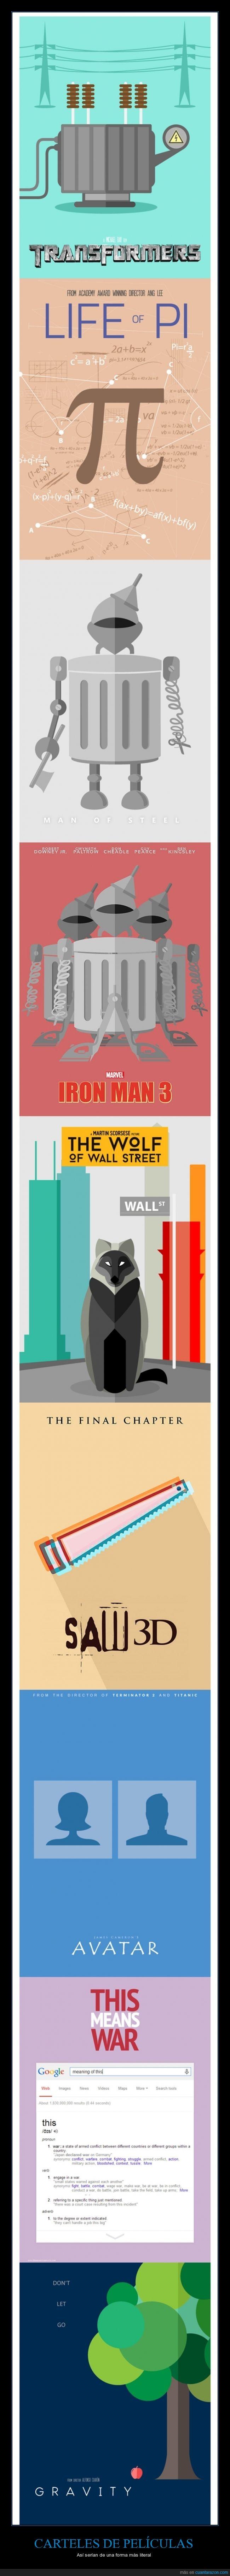 el juego del miedo,el lobo de wall street,iron man,life of pi,literal,mapache,peliculas,plancha,saw,transformador,transformers